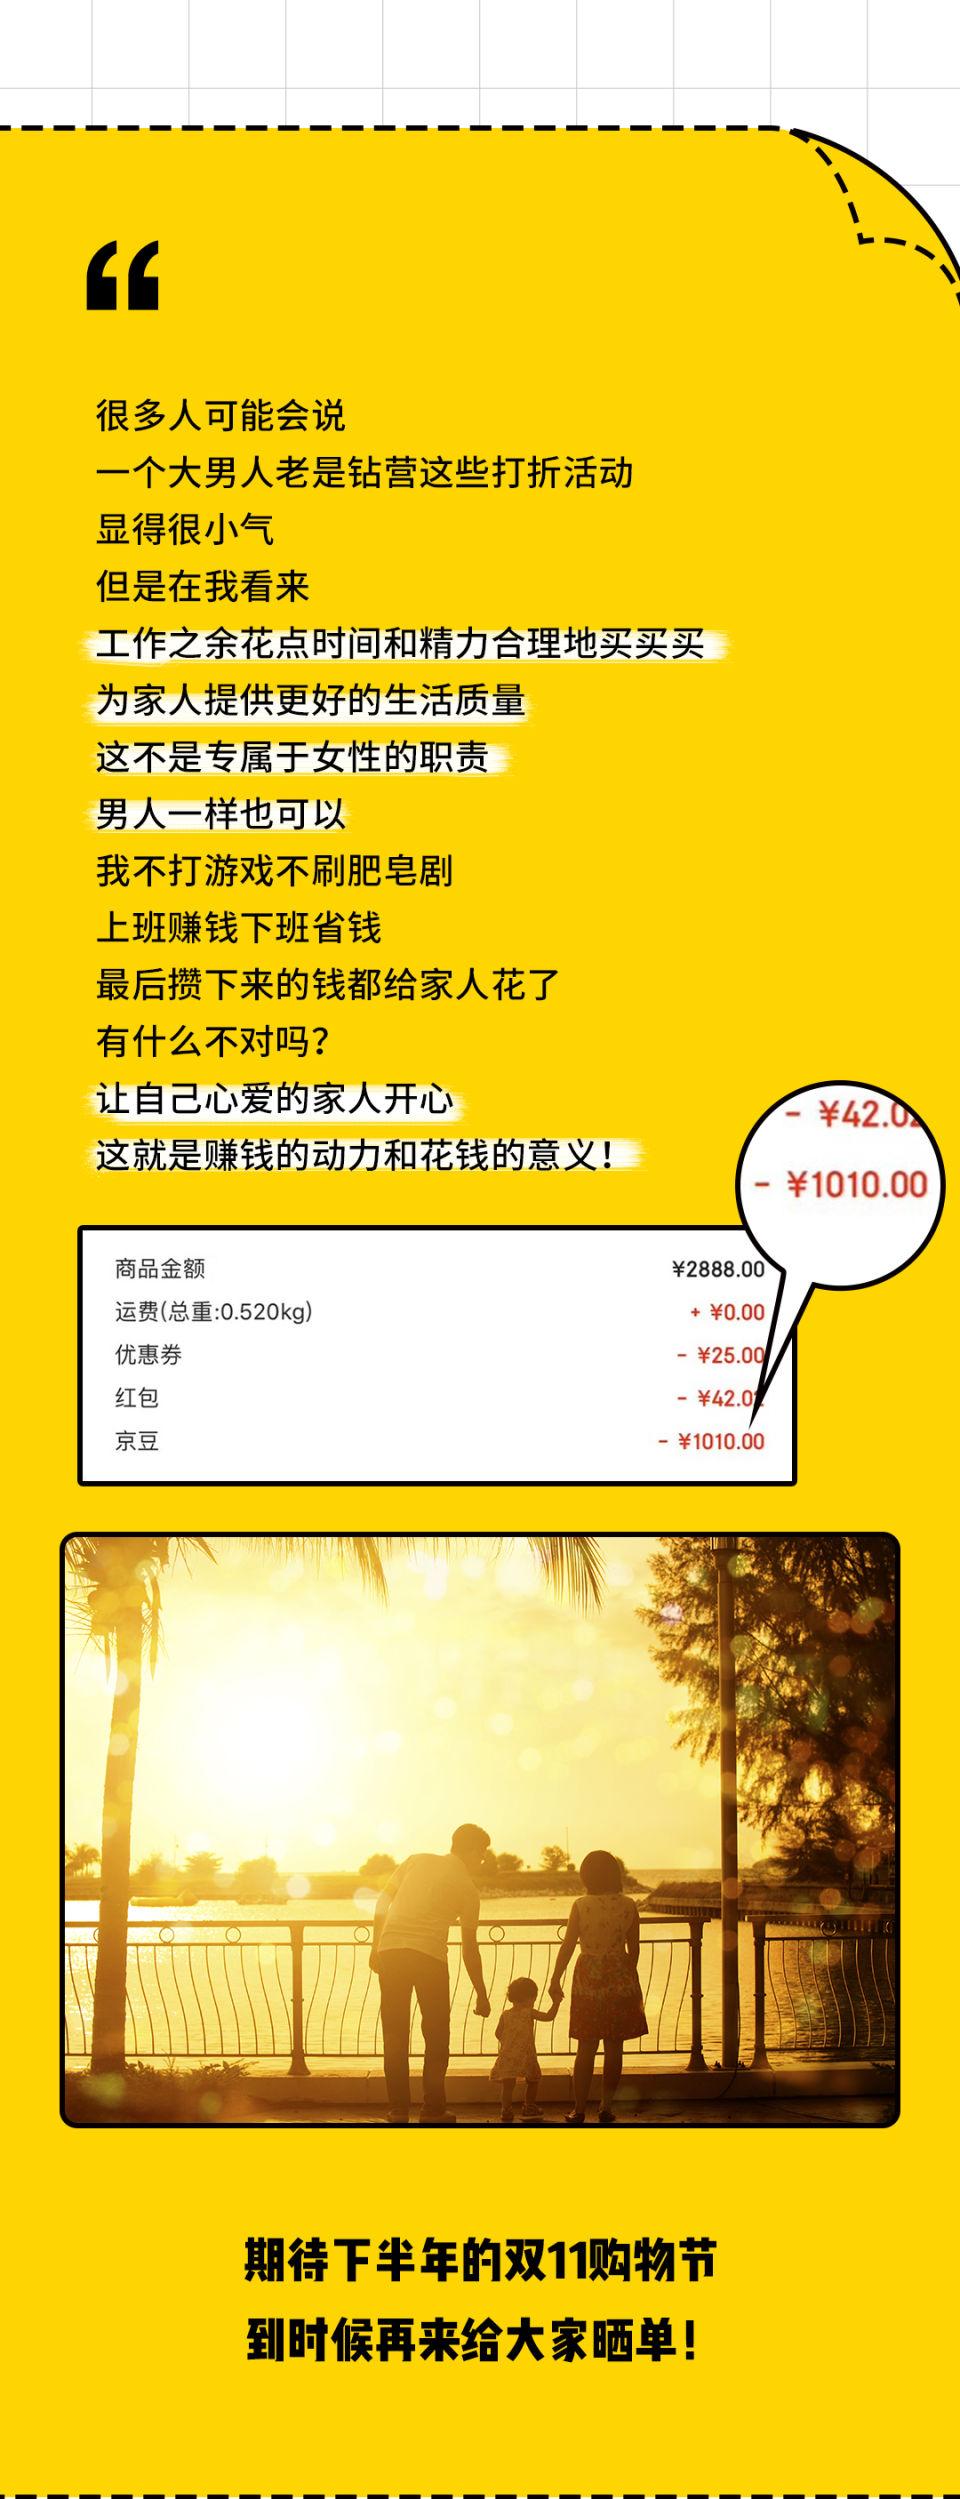 第二期_07.jpg